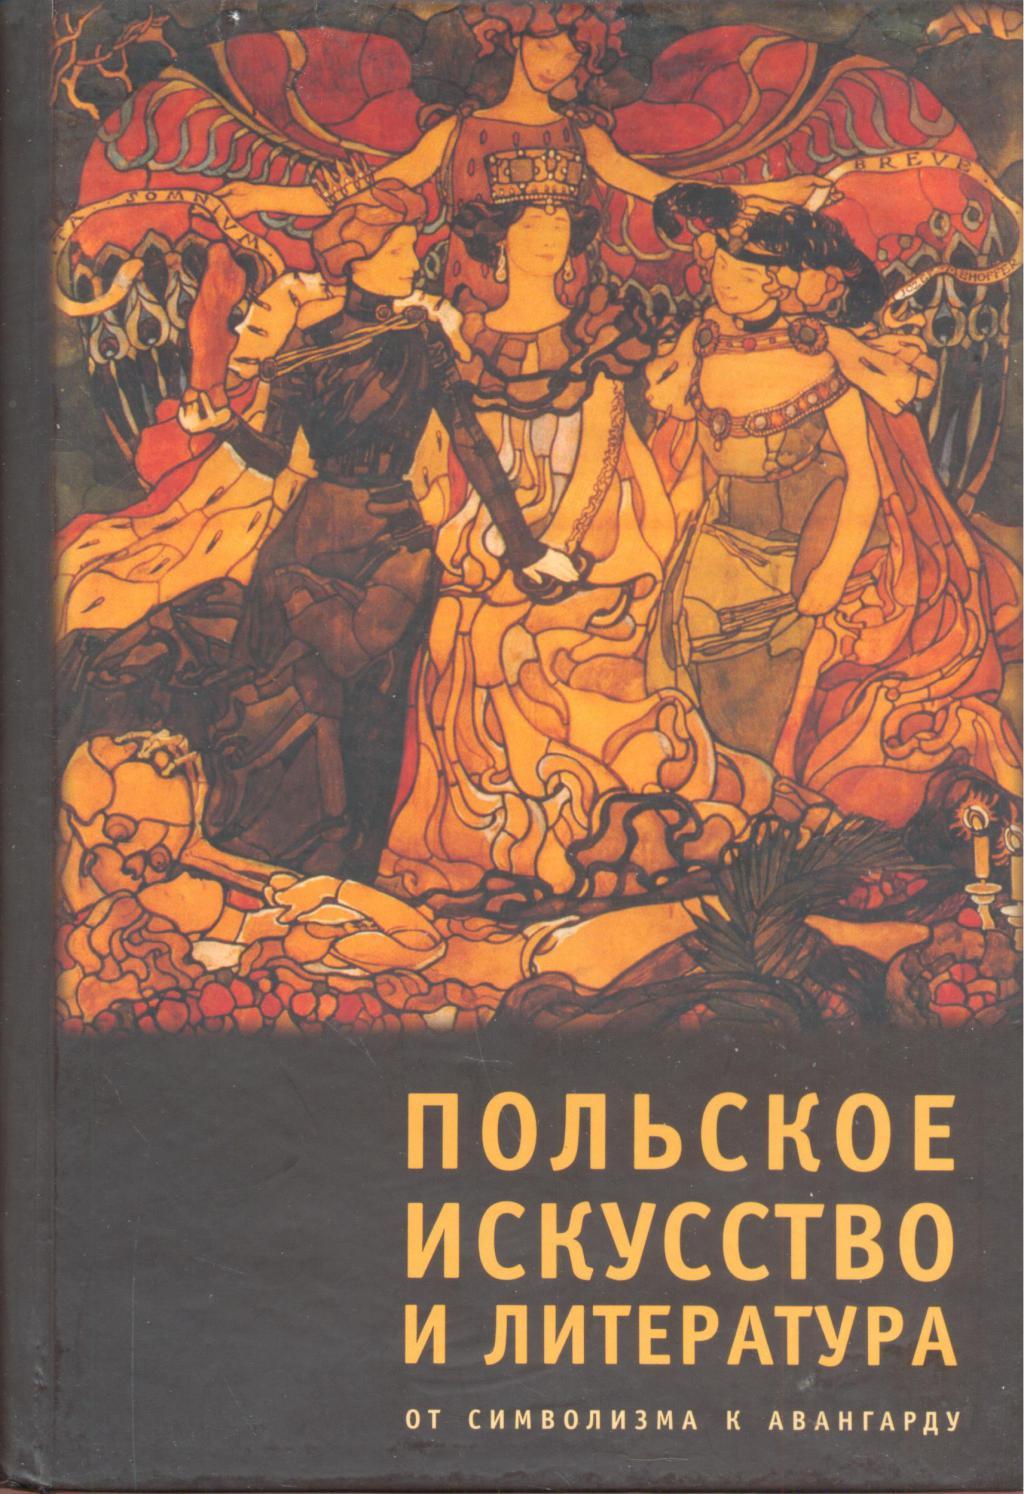 Польское исскуство и литература: от символизма к авангарду